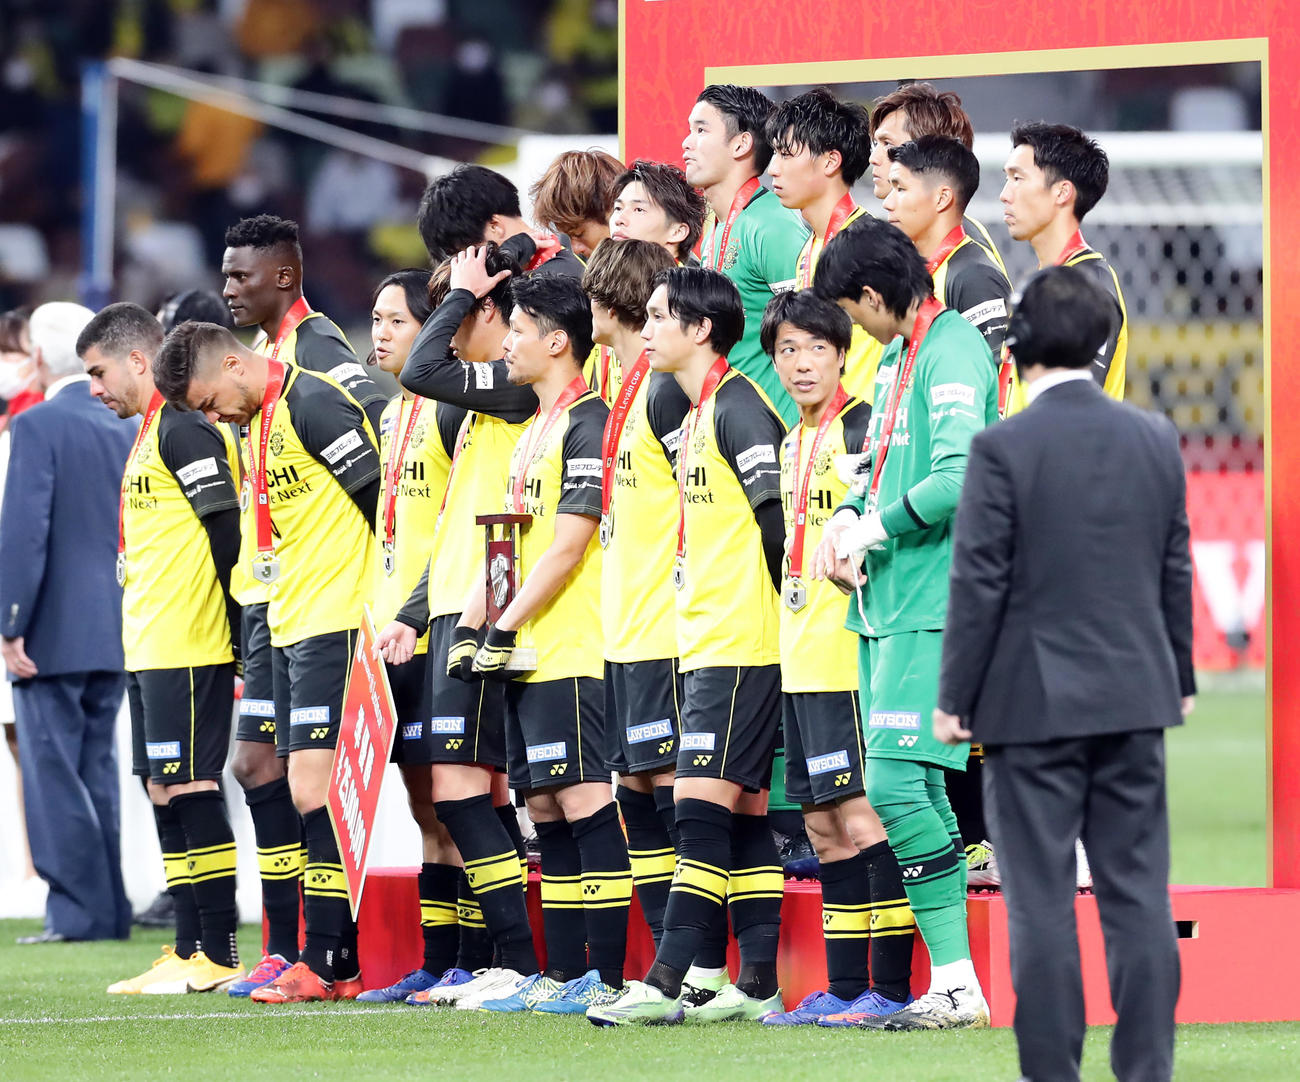 柏対東京 準優勝に終わり、表彰式でがっくりとした表情のFWオルンガ(左奥)ら柏の選手たち(撮影・浅見桂子)